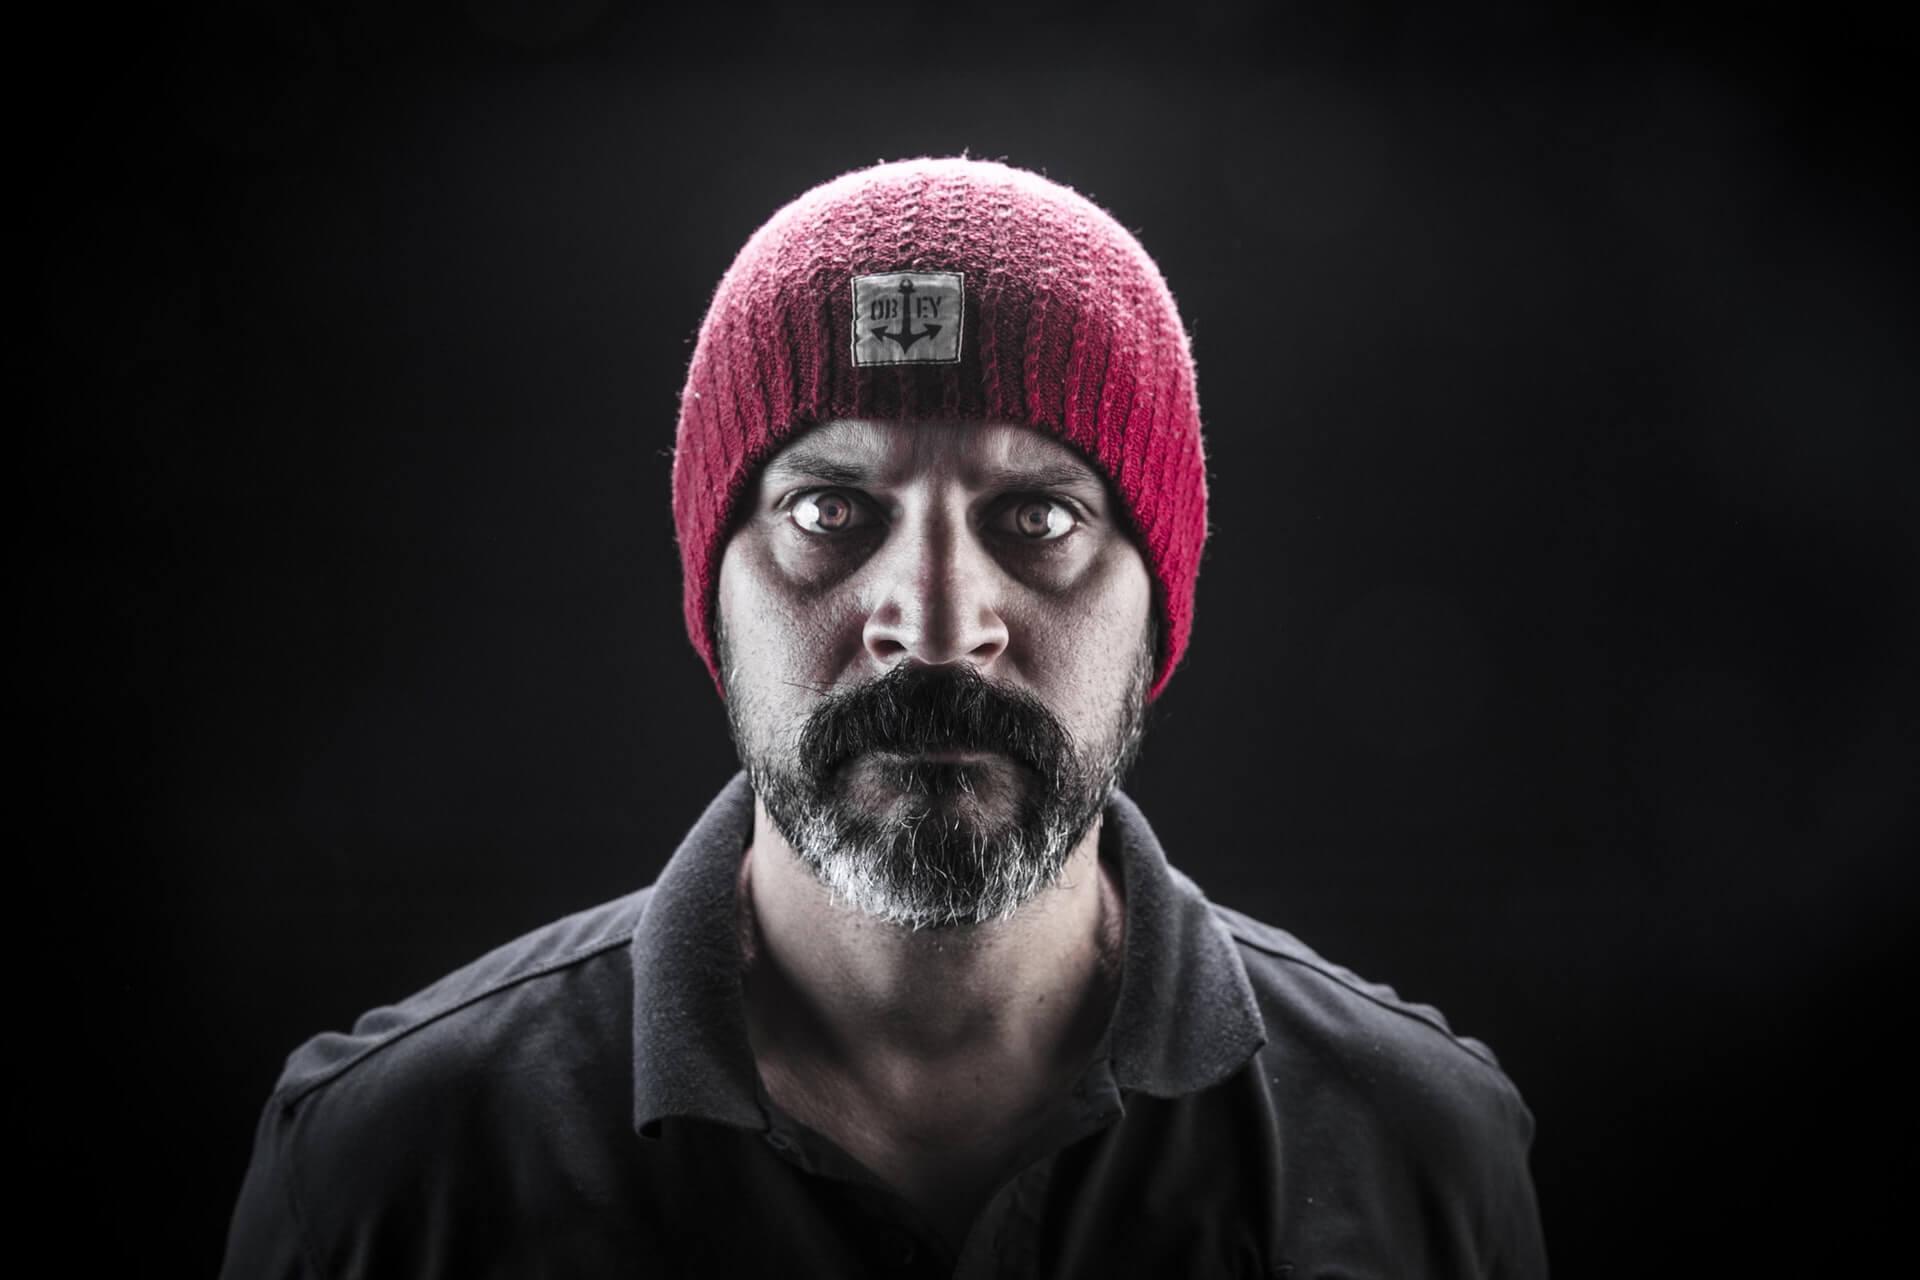 La ira: una emoción básica